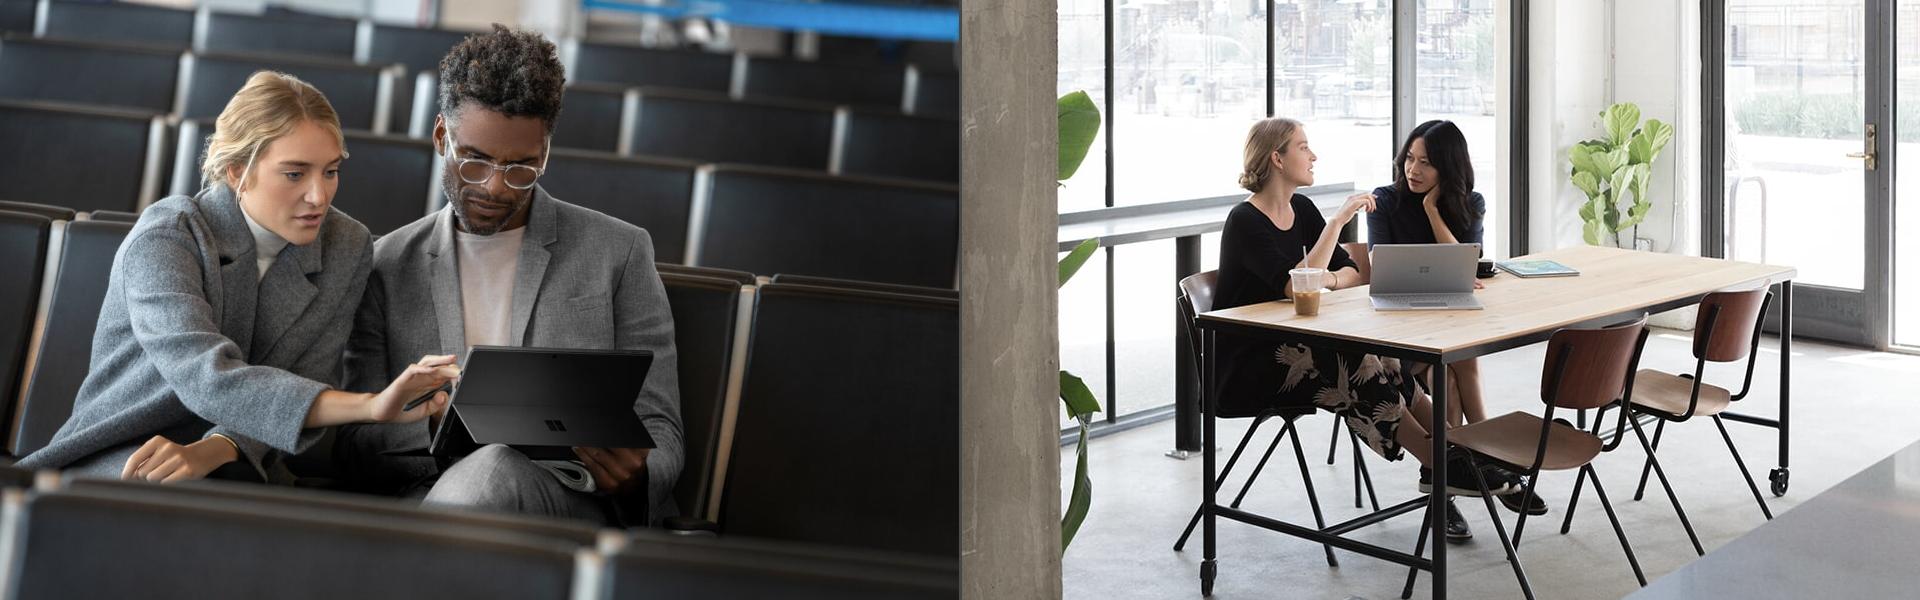 Auf dem linken Bild arbeiten zwei Personen in einem Hörsaal mit dem Surface Pro, auf dem rechten Bild arbeiten zwei Frauen an einem Tisch mit dem Surface Book